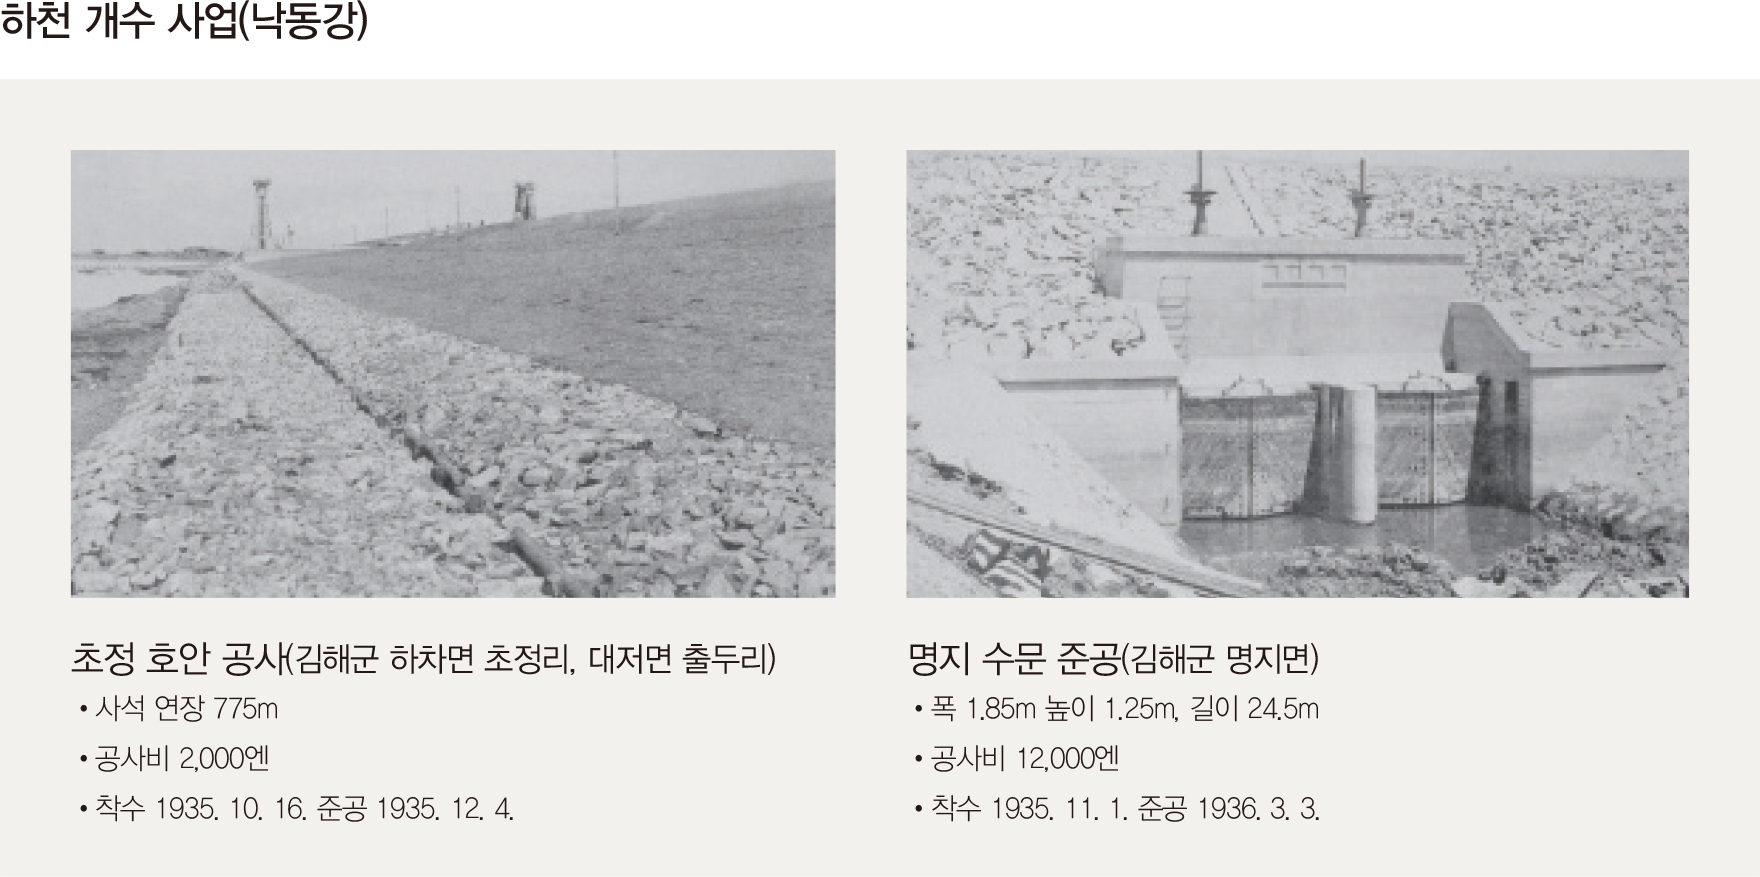 하천 개수 사업(낙동강)